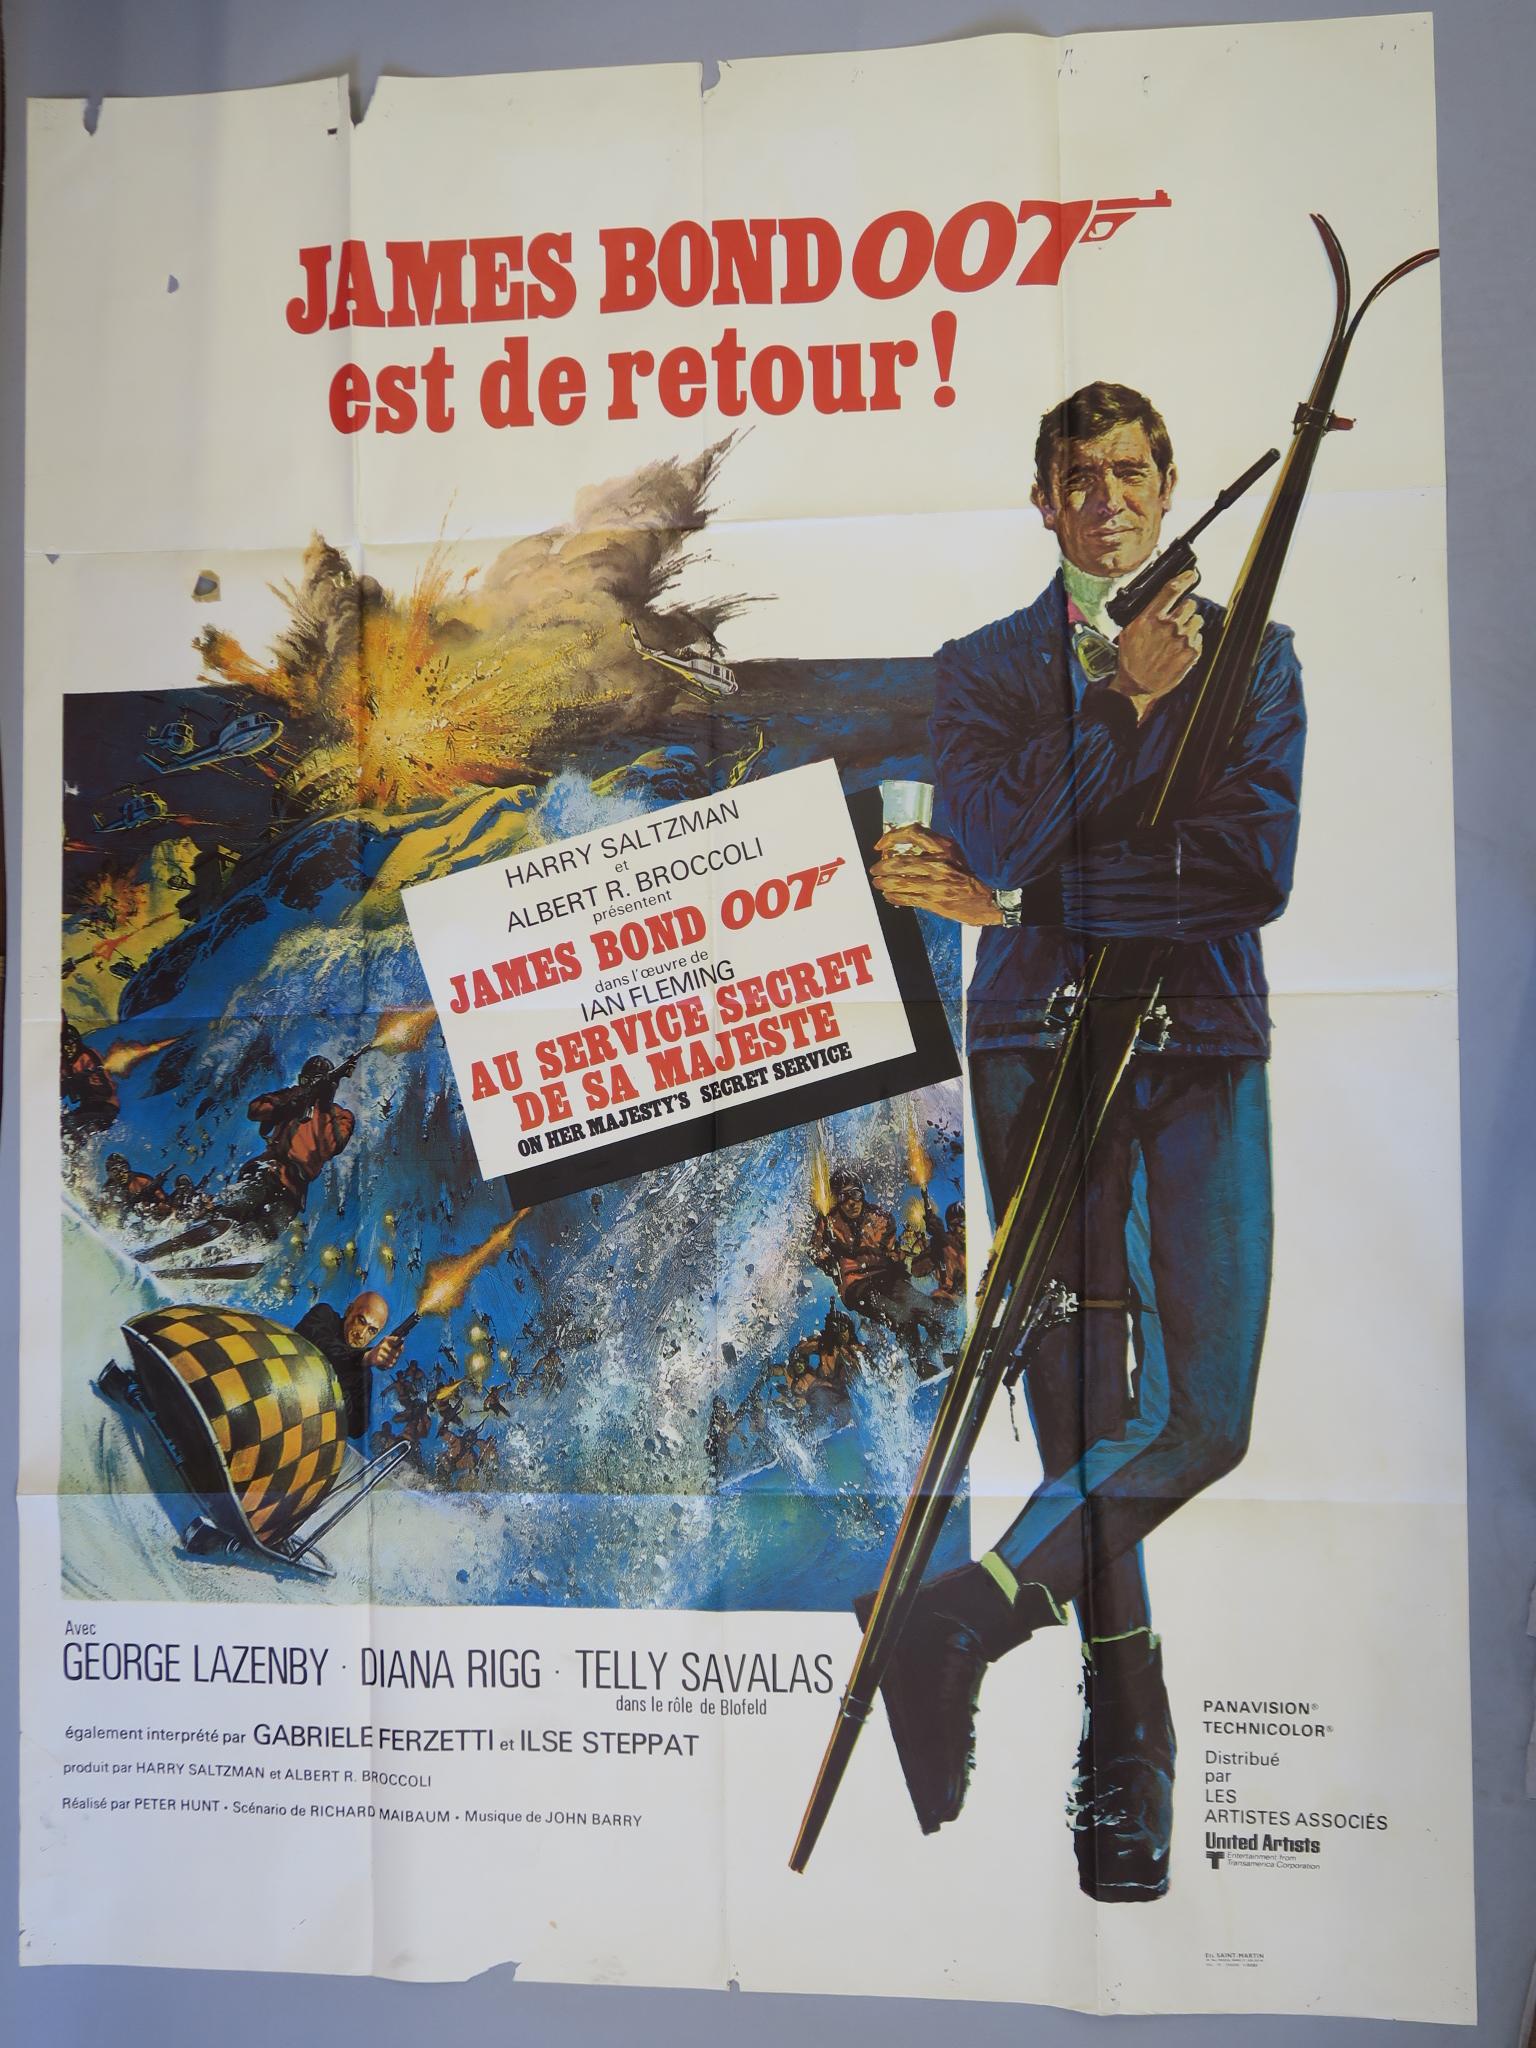 Lot 28 - On Her Majesty's Secret Service James Bond Original French grande film poster starring George